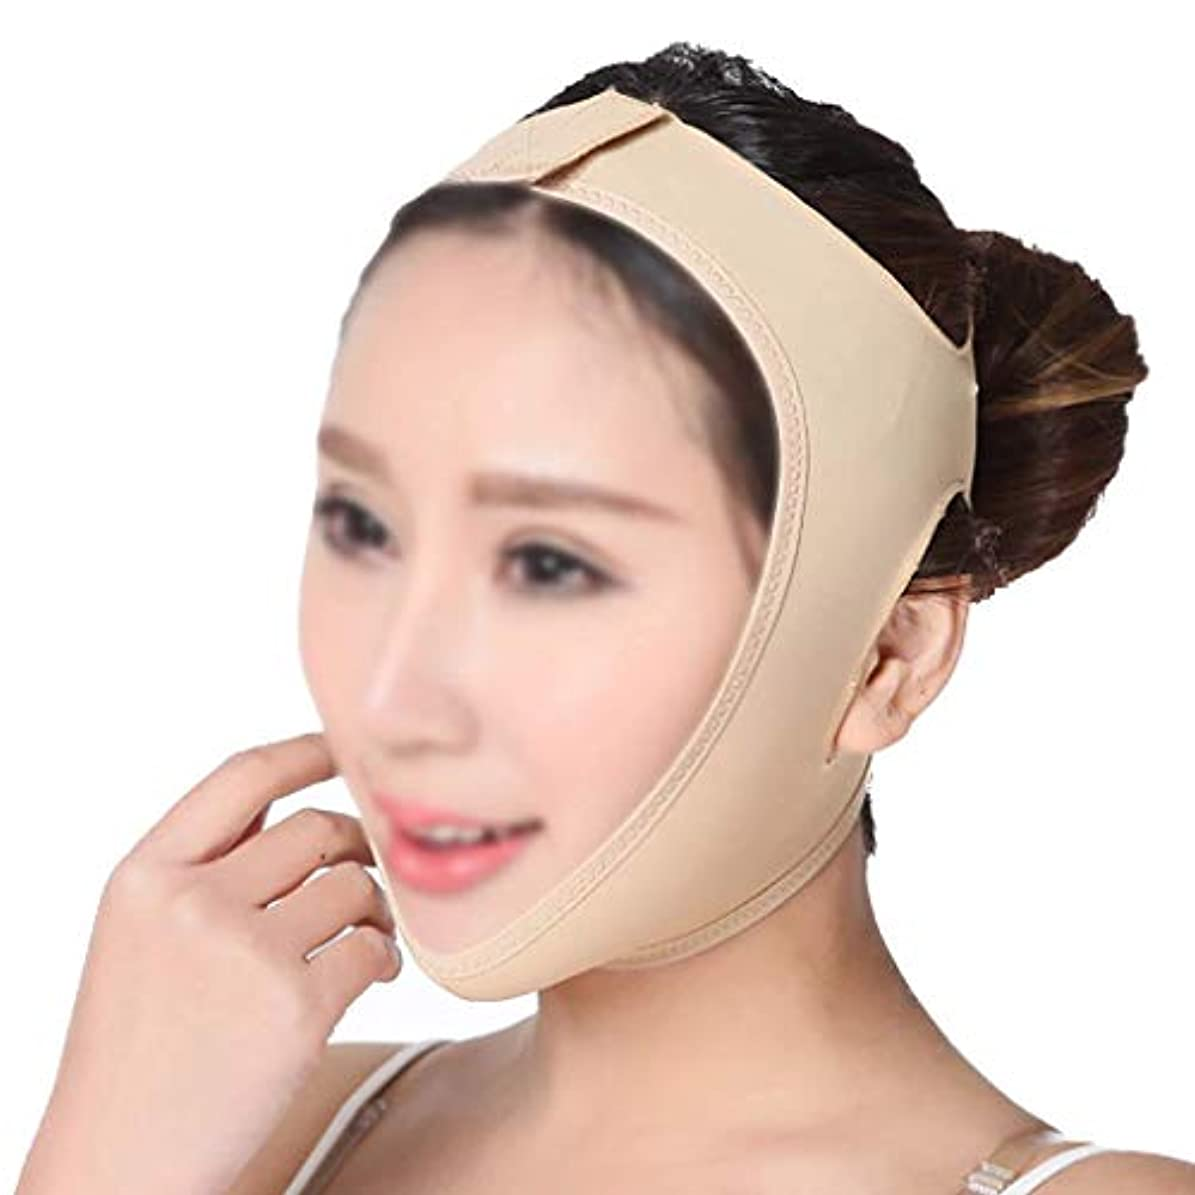 起きてスタック行列フェイスリフティング包帯、Vフェイスインストゥルメントフェイスマスクアーティファクト引き締めマスク手動フェイシャルマッサージ通気性肌のトーン(サイズ:M)